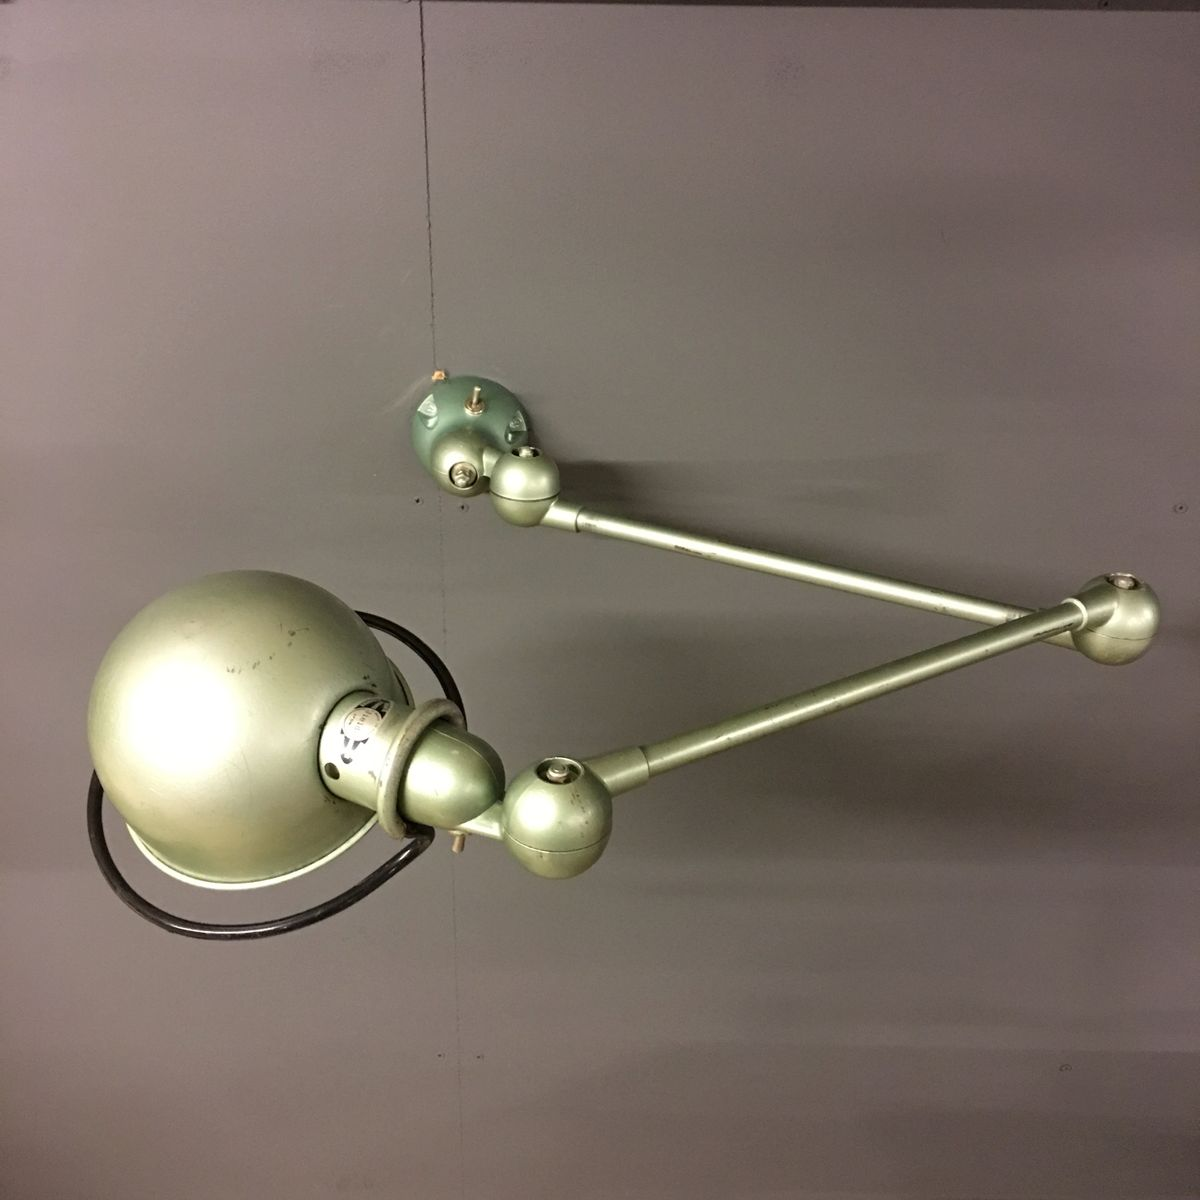 lampe d atelier industrielle par jean domecq pour jield en vente sur pamono. Black Bedroom Furniture Sets. Home Design Ideas